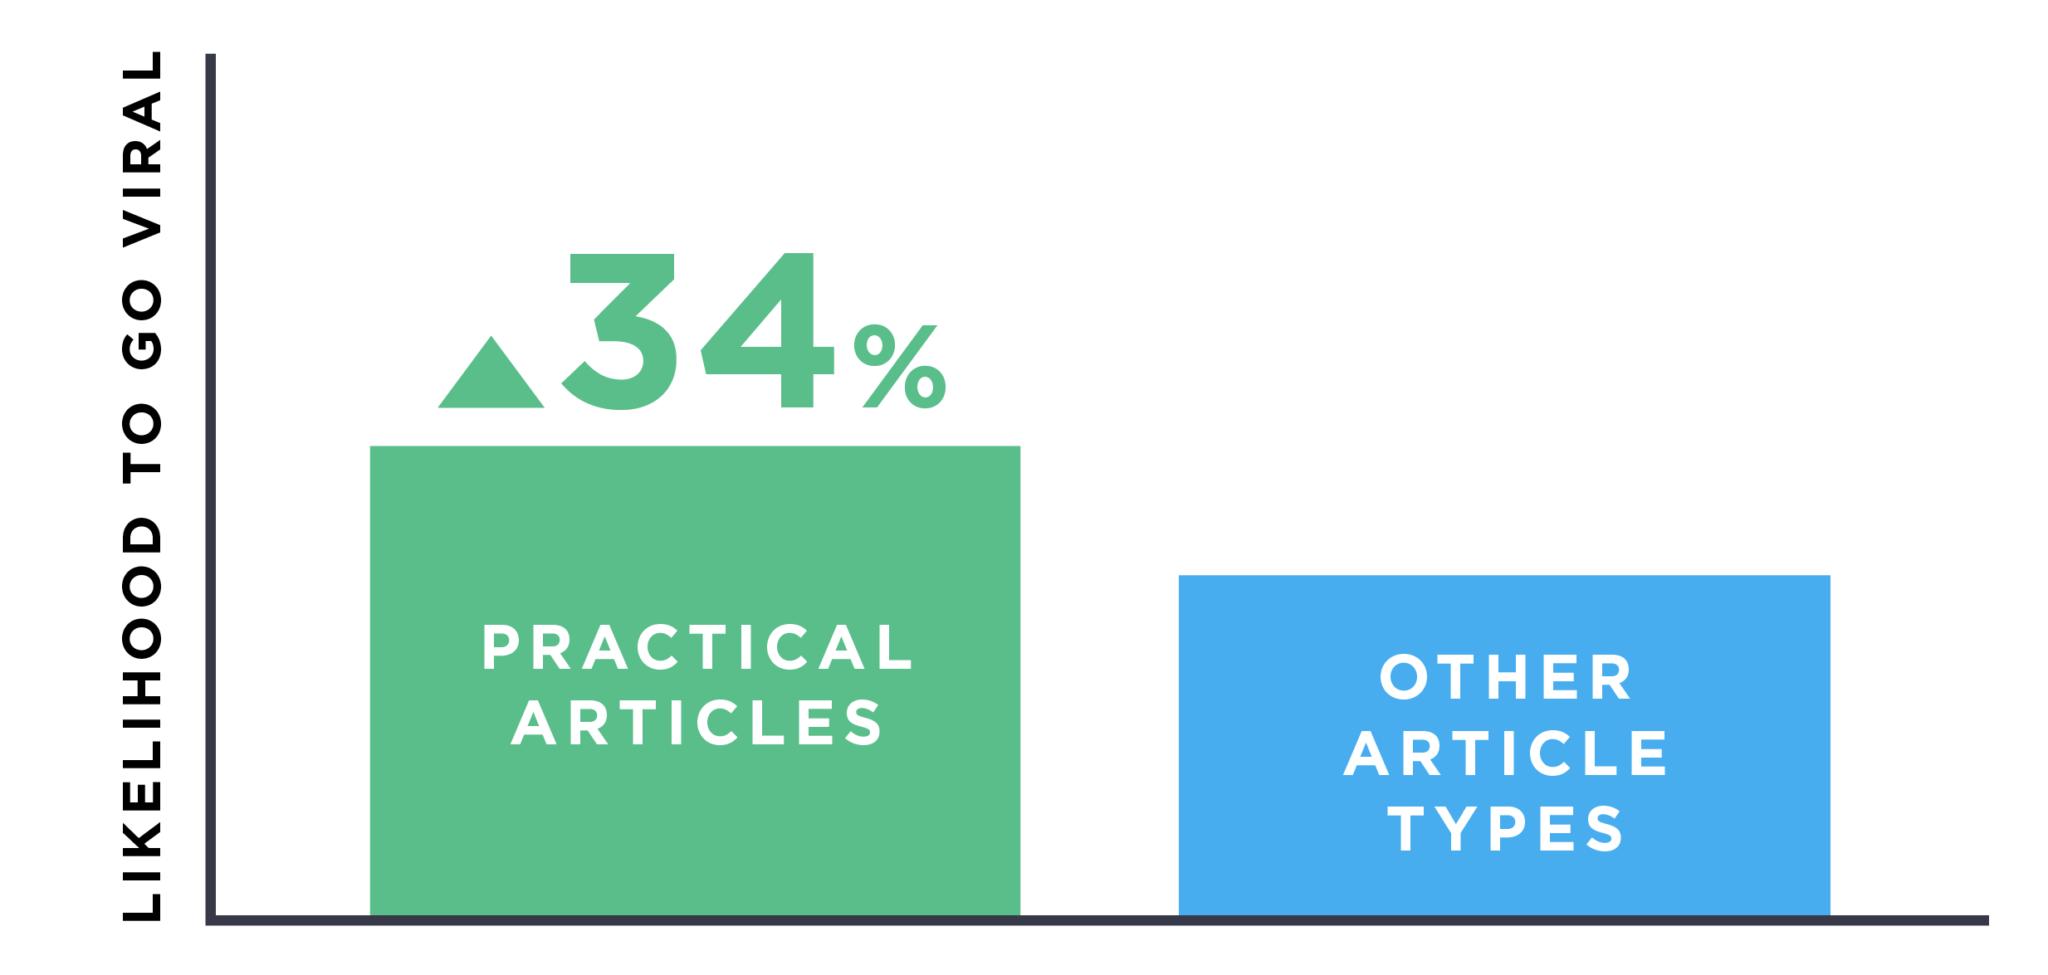 nội dung có tính thực hành cao dễ nhận được viral hơn